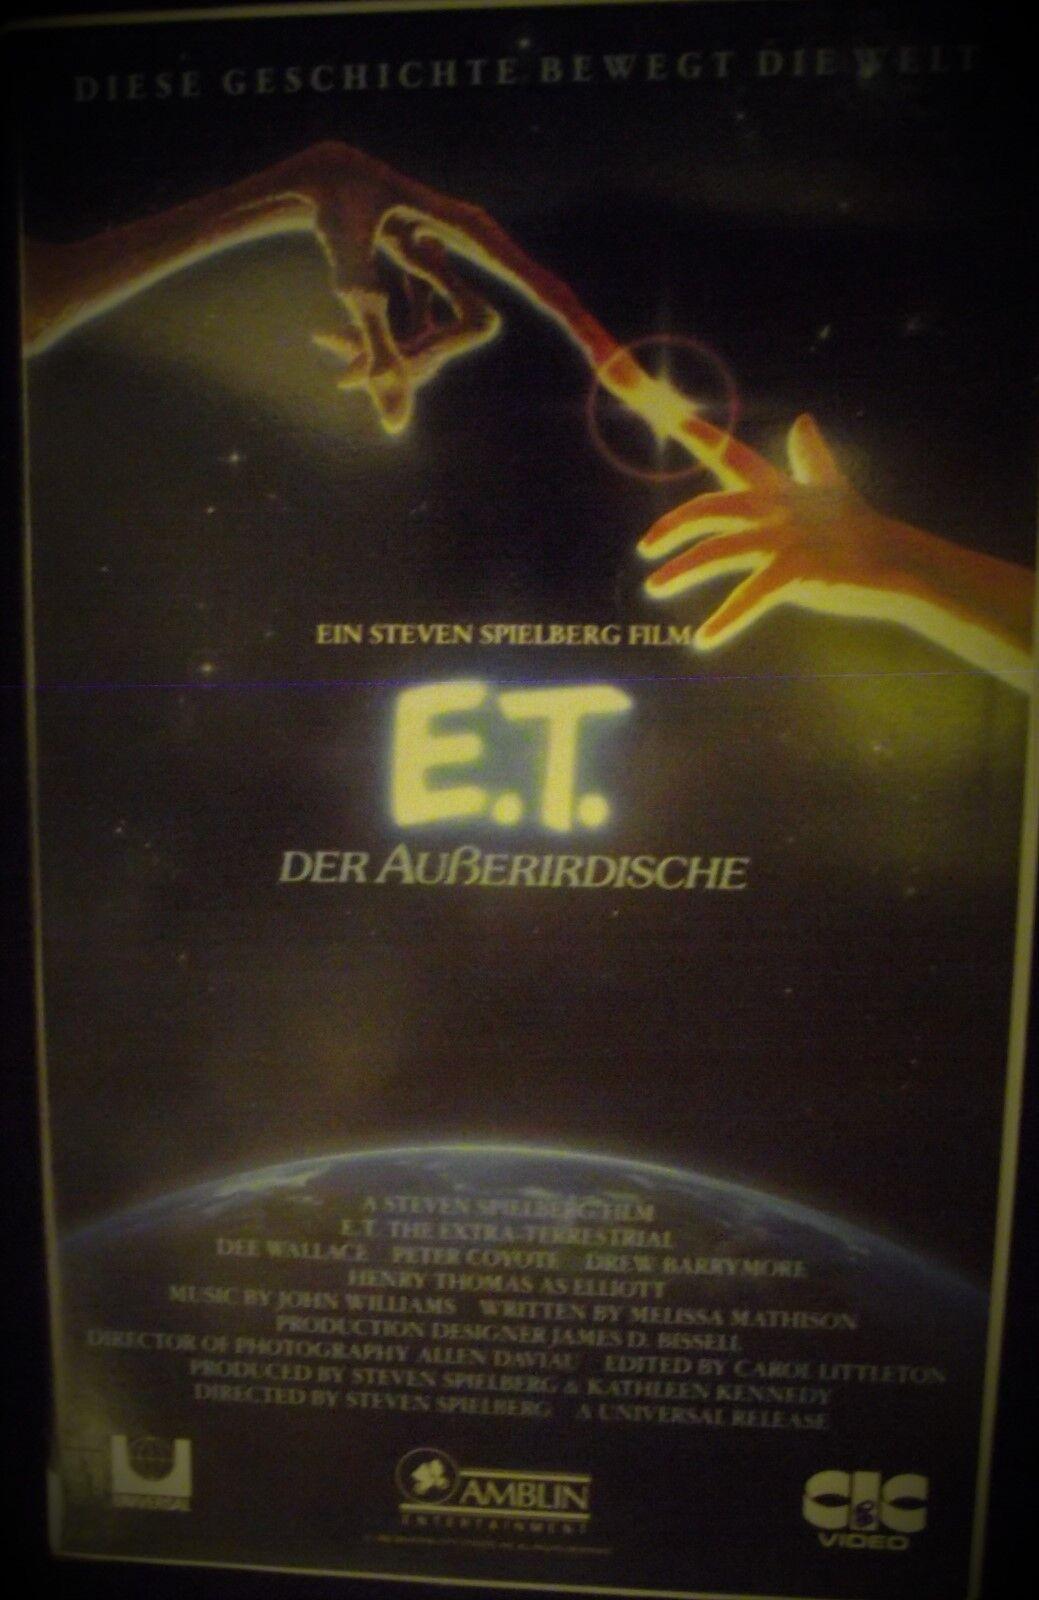 E.T. - Der Außerirdische * Kult Film von Steven  Spielberg * von : 1988 !!! RAR